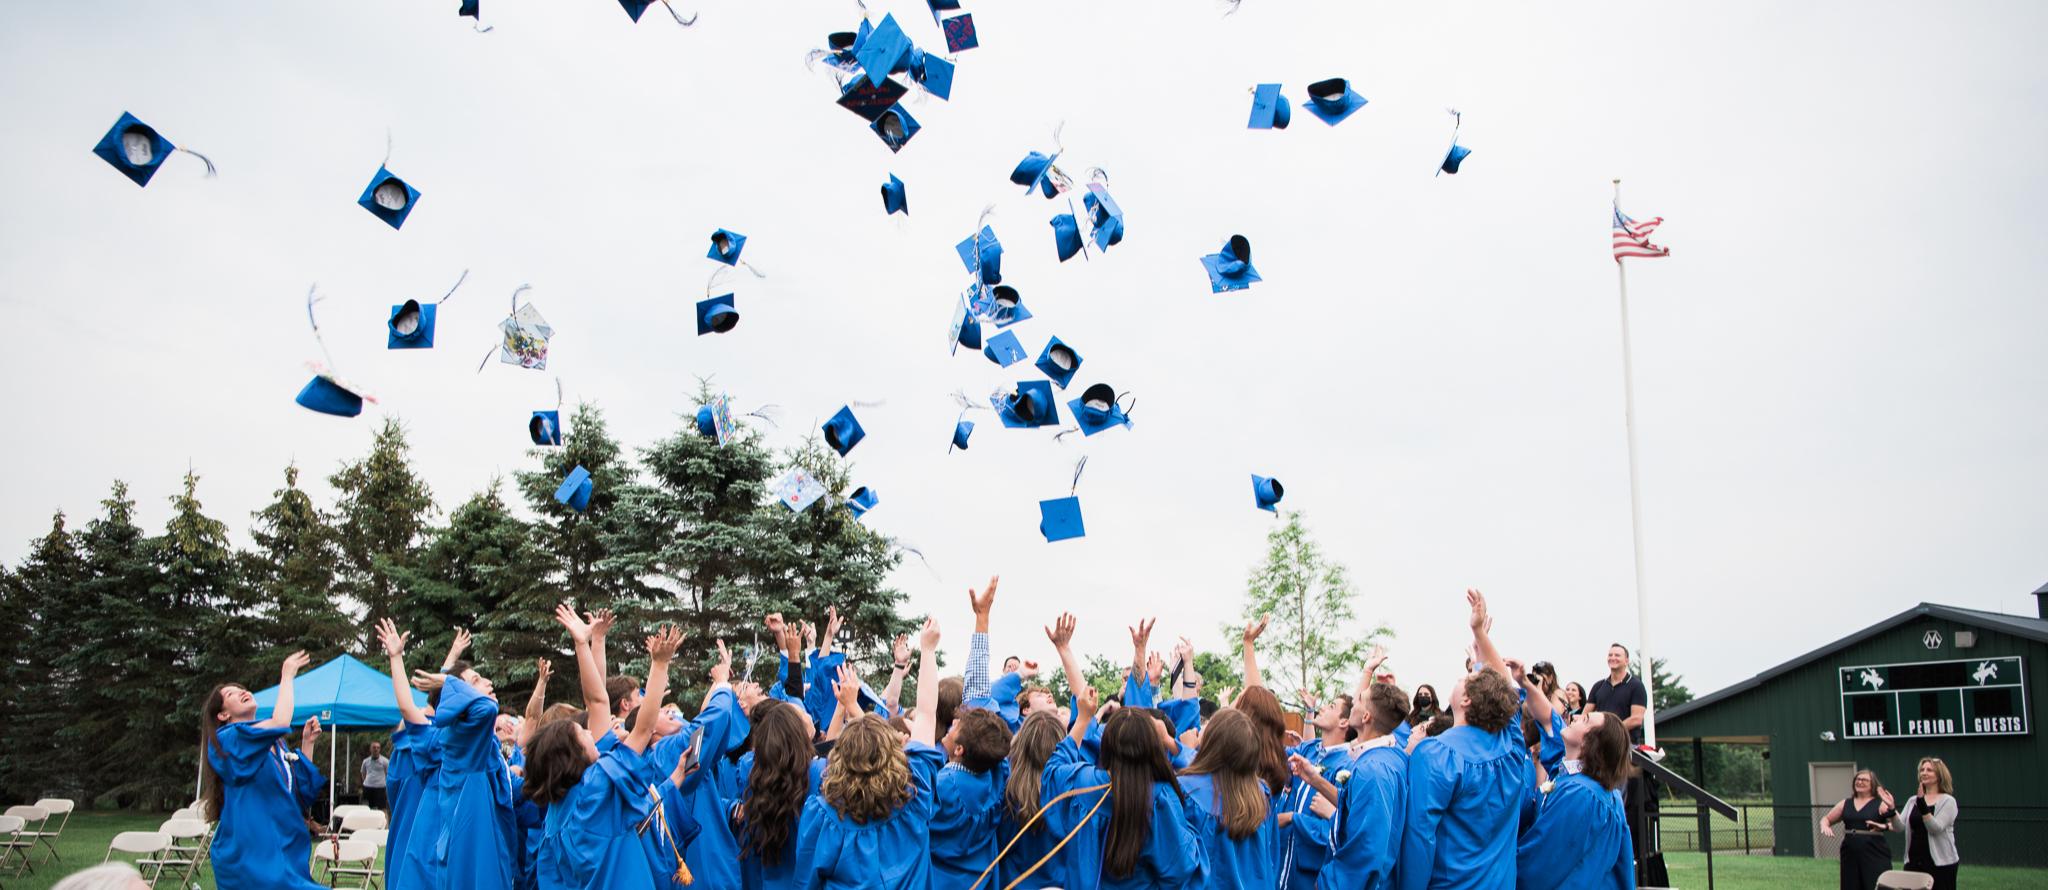 LPS Graduates throwing Caps in Air